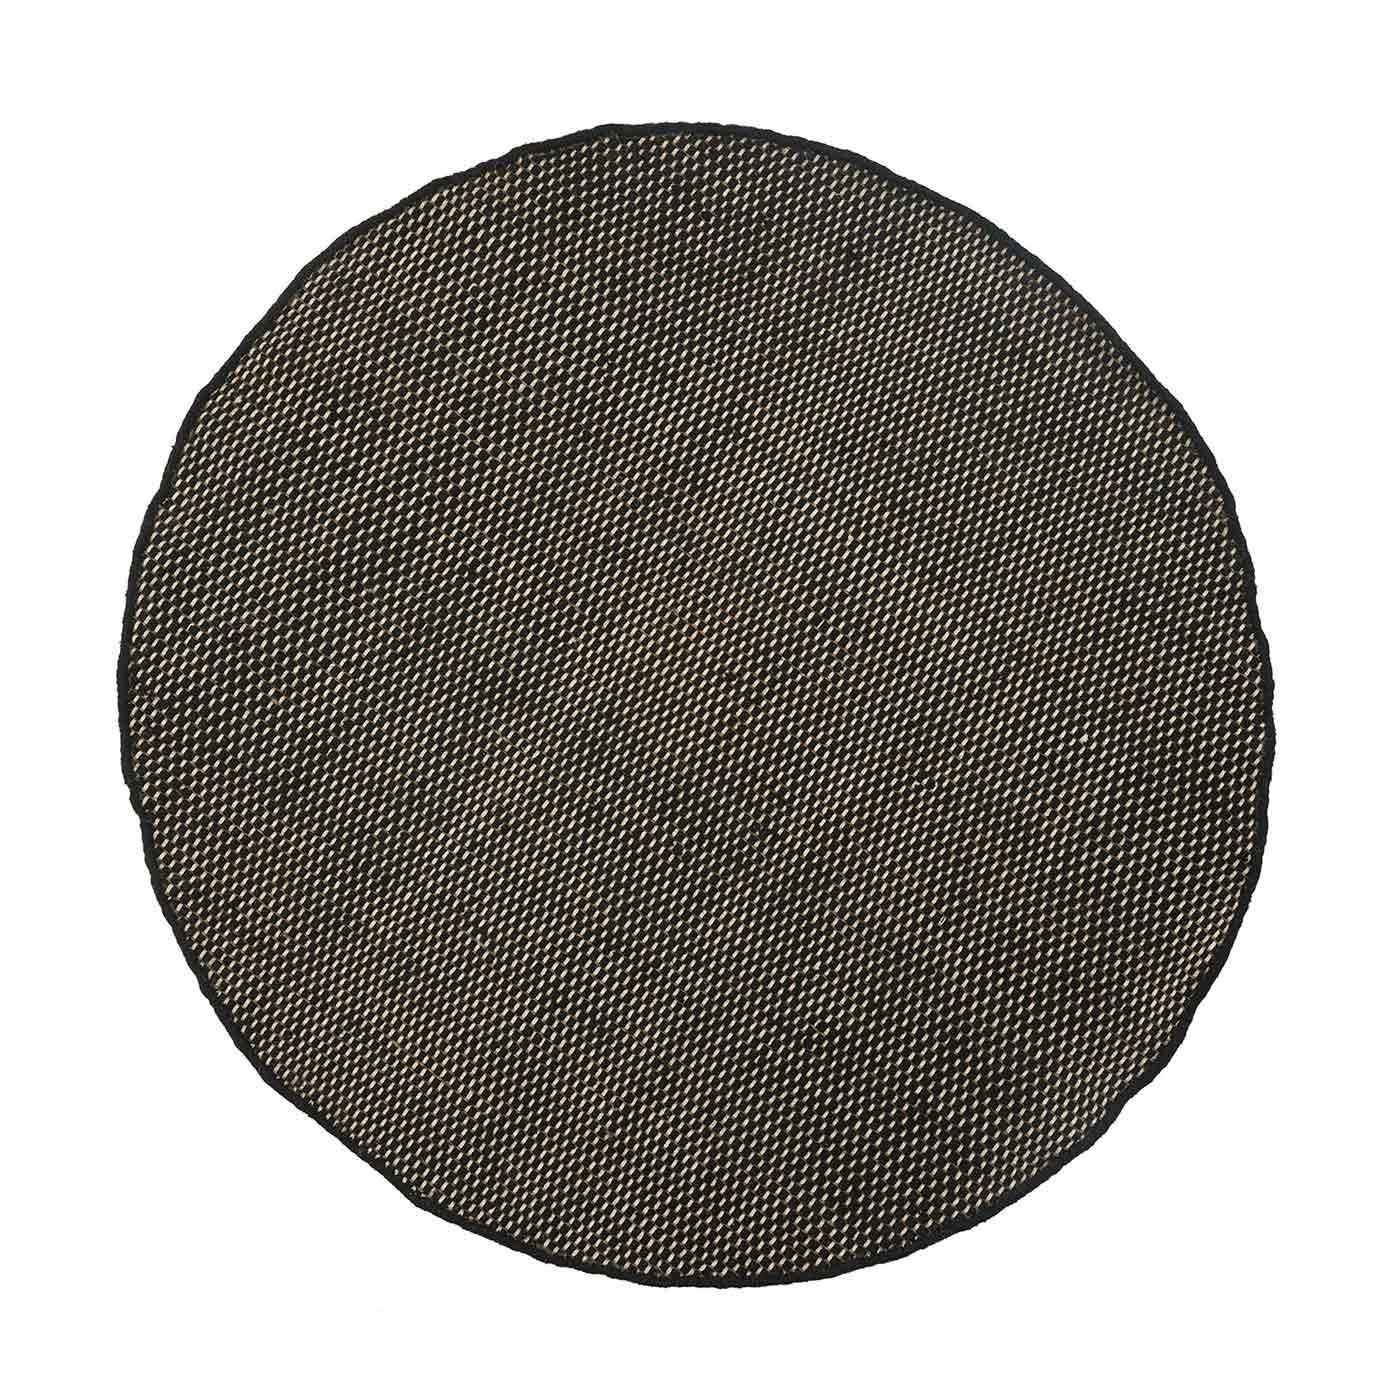 Asko Round Rug Black